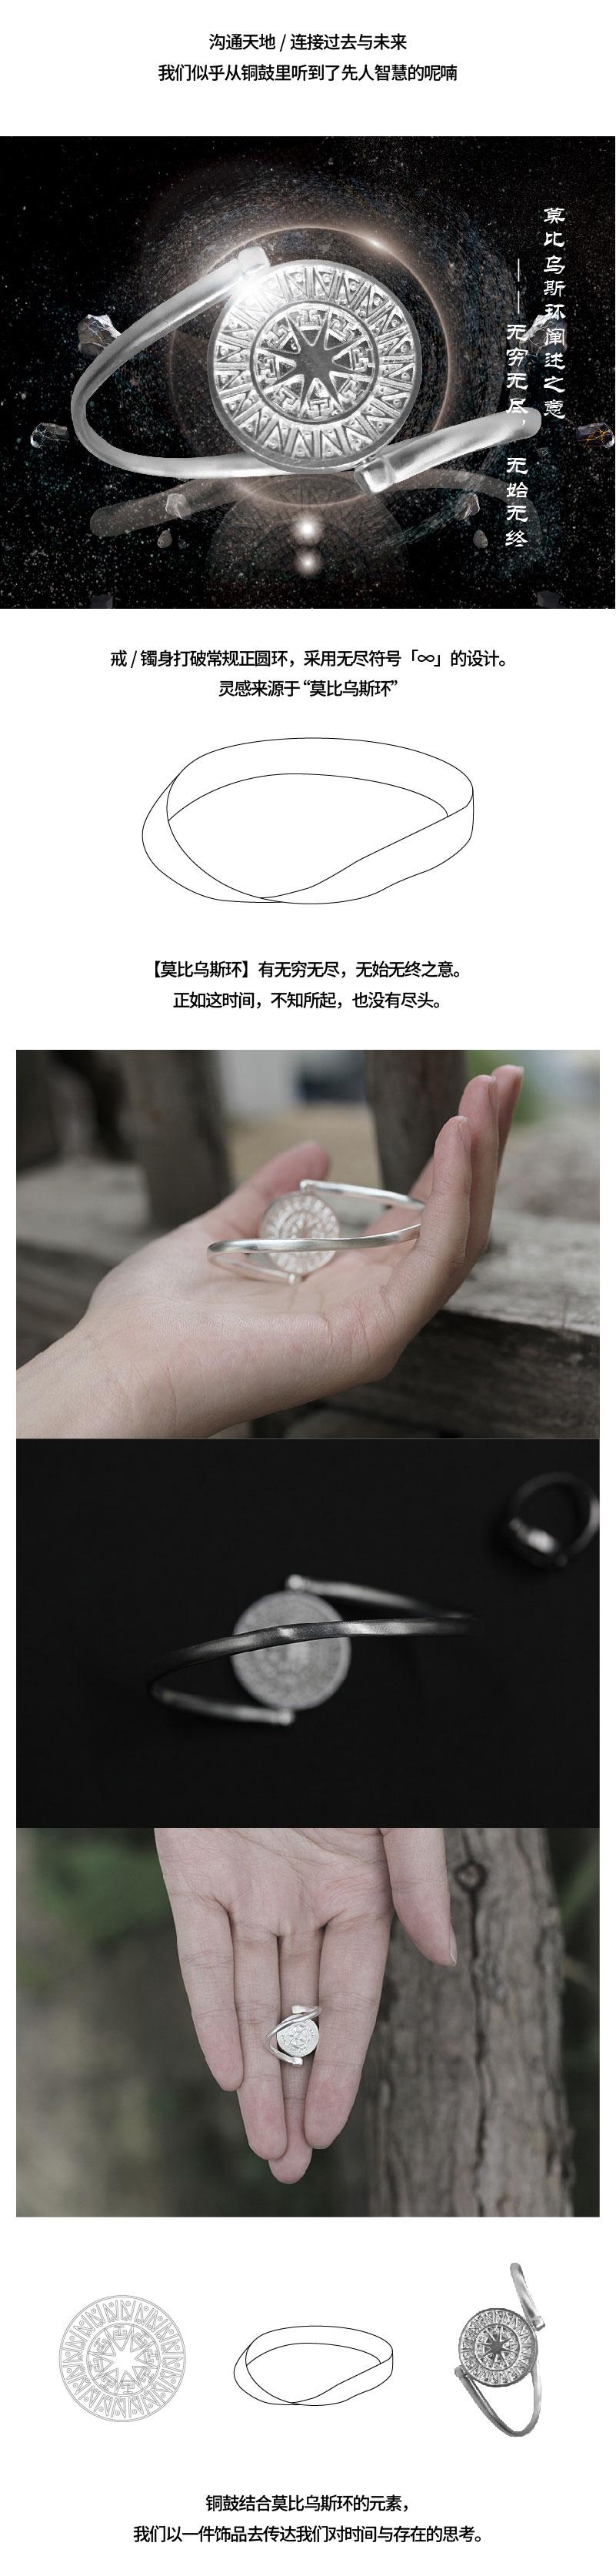 修改戒指-01_03.jpg